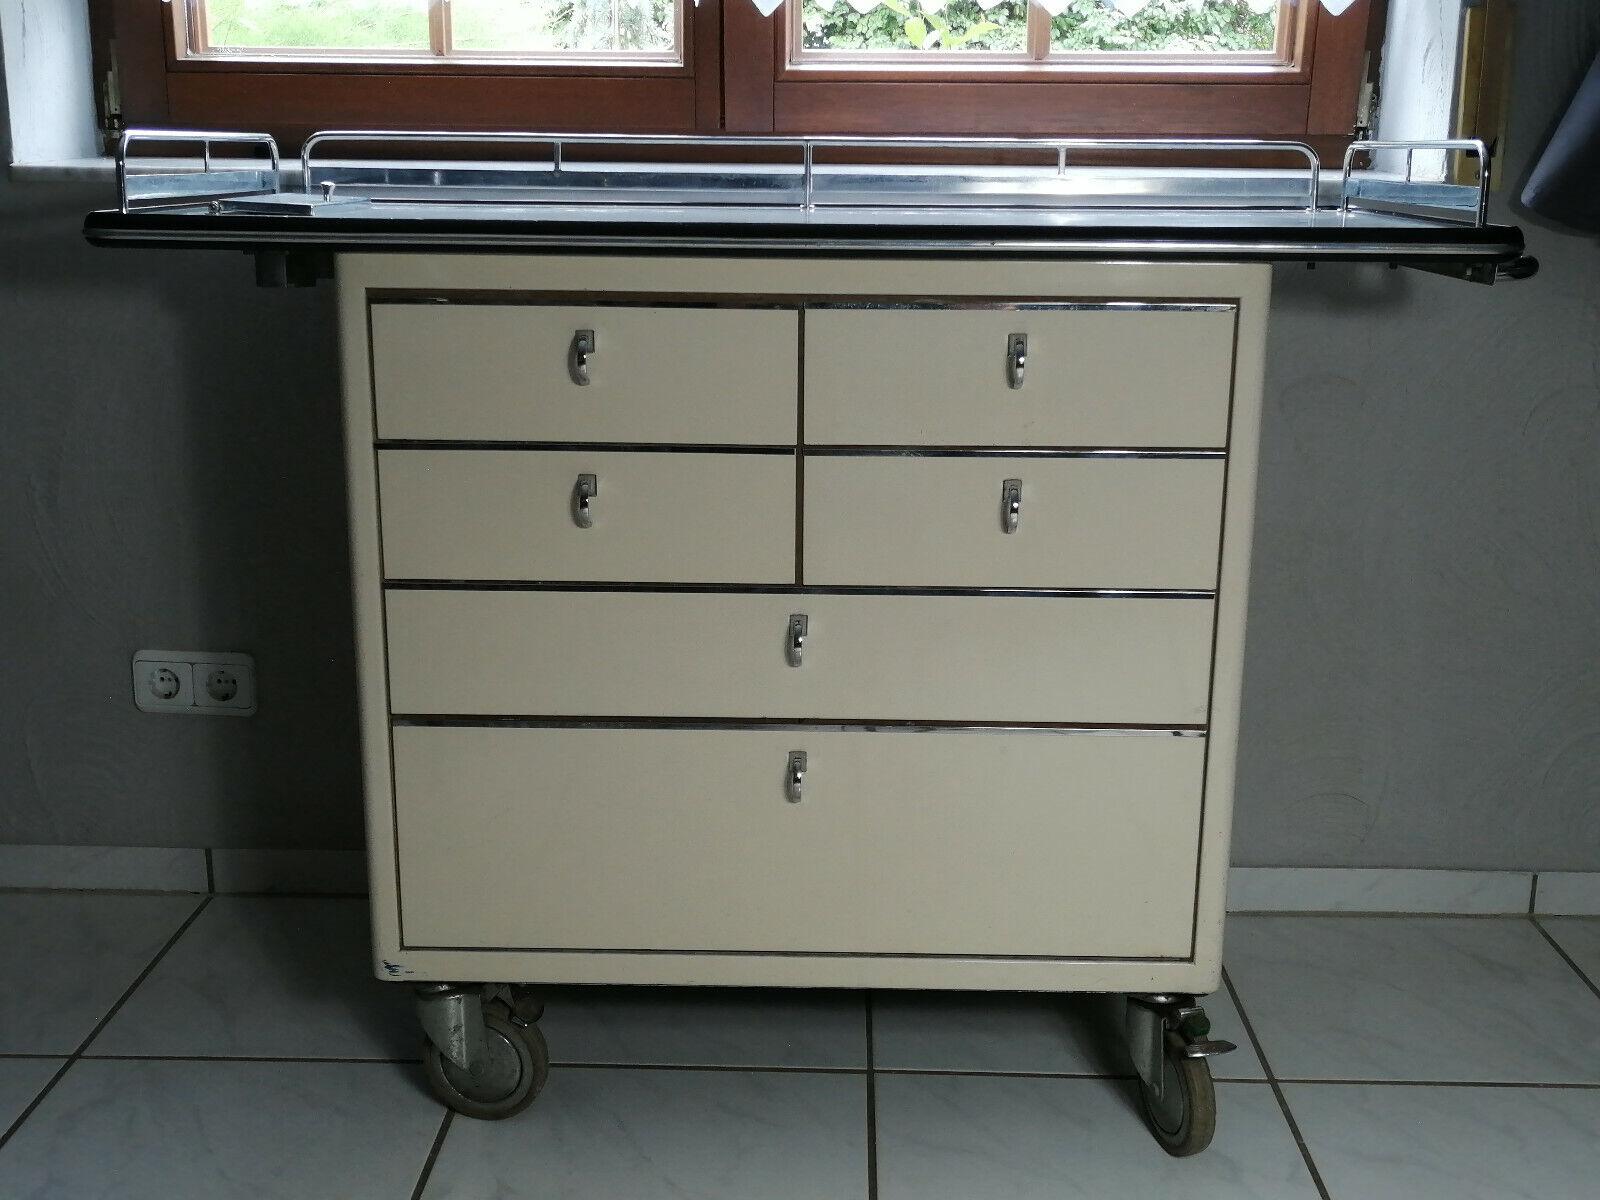 Baisch Arztschrank Metallschrank Loft Industrie Design Vintage Möbel robust rar